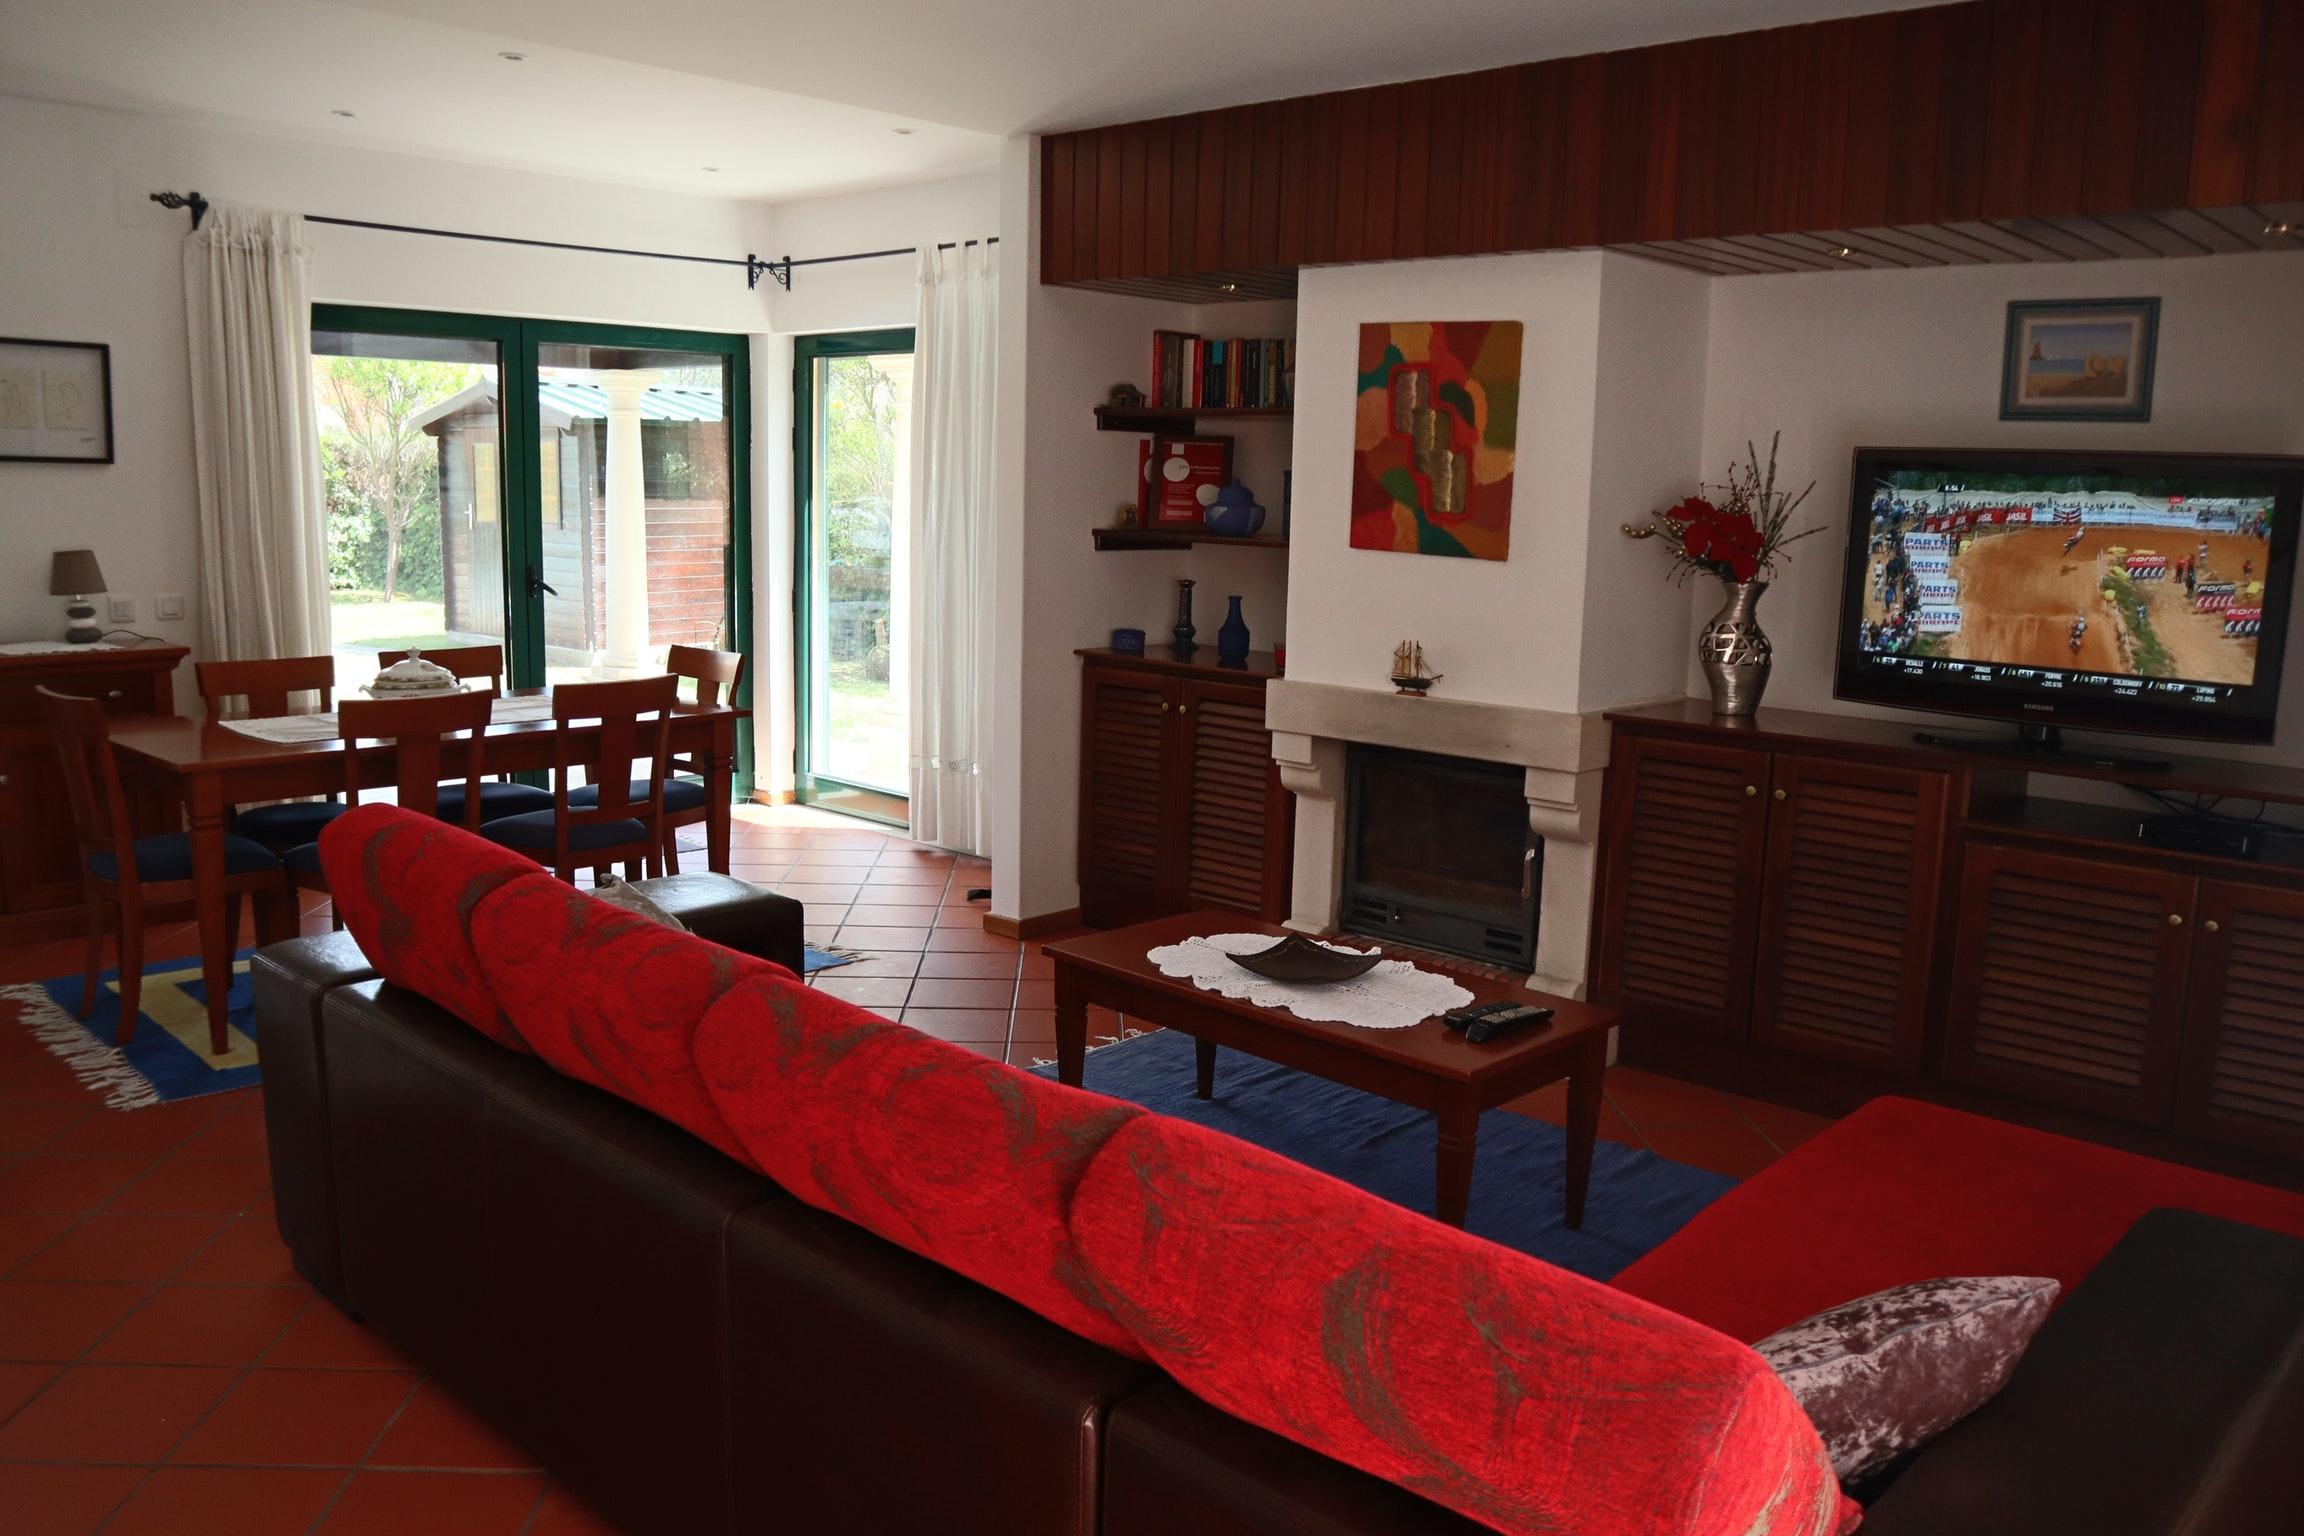 Ferienhaus Villa mit 4 Schlafzimmern in Praia de Mira mit privatem Pool, eingezäuntem Garten und W-LA (2623071), Praia de Mira, Costa de Prata, Zentral-Portugal, Portugal, Bild 15